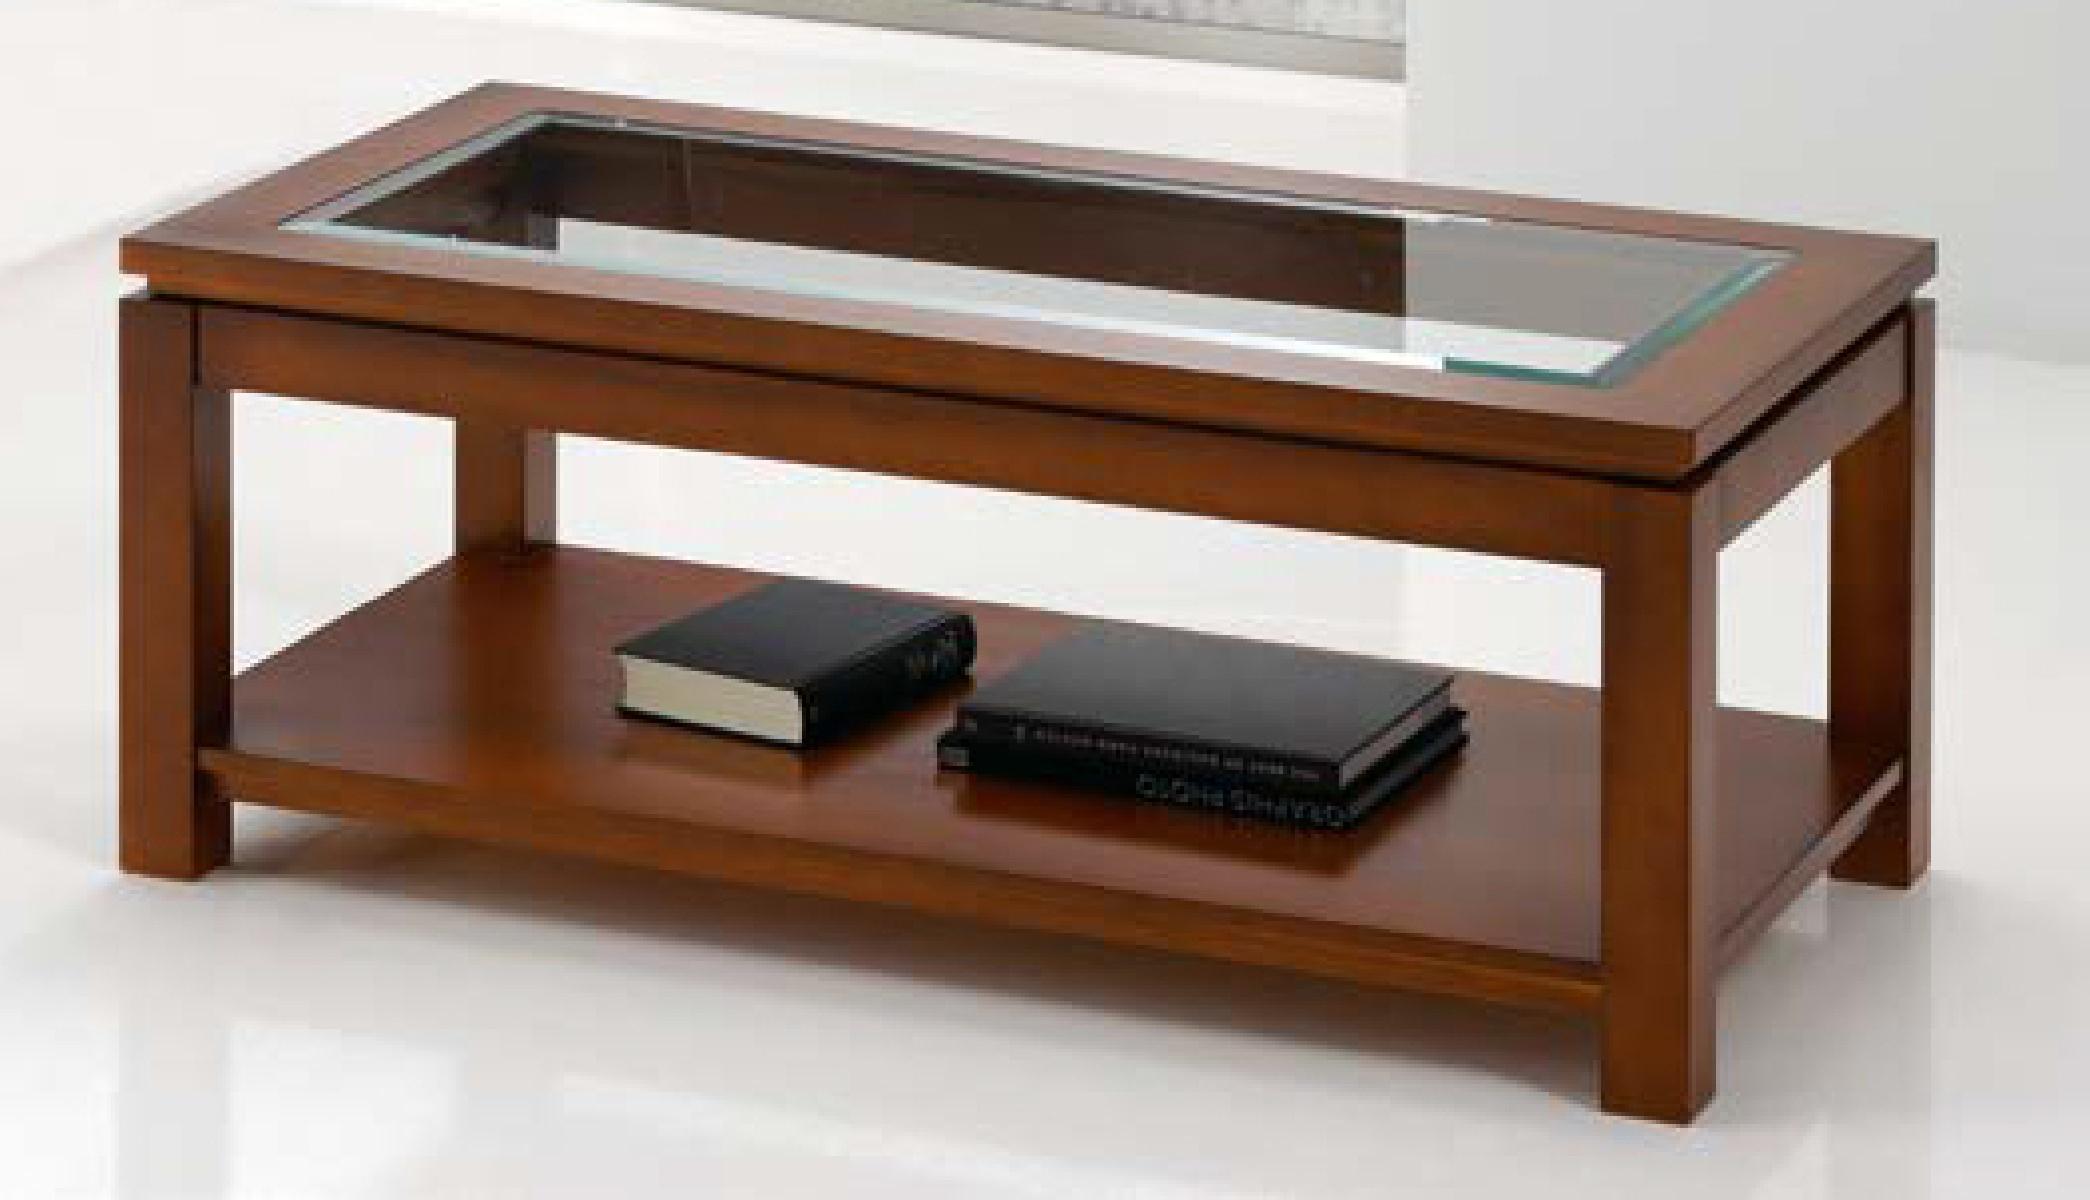 Журнальный стол прямоугольный 49 Disemobel